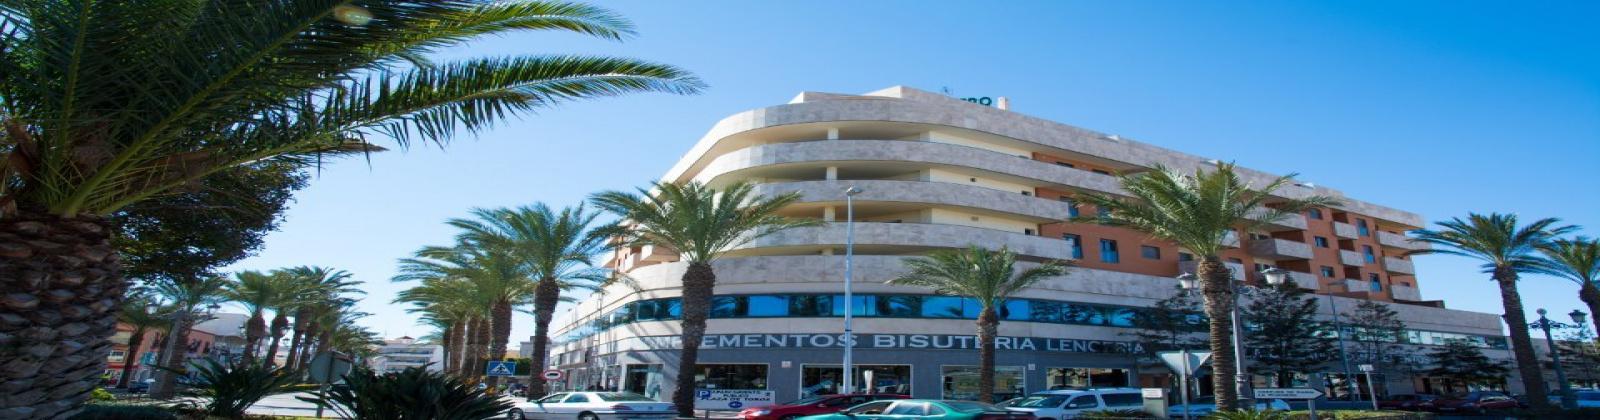 Avenida Curro Romero 15, Roquetas de Mar, Almería 04740, 2 Habitaciones Habitaciones, ,1 BañoBathrooms,Viviendas,En venta,Edificio Gran Avenida I,Avenida Curro Romero,1016